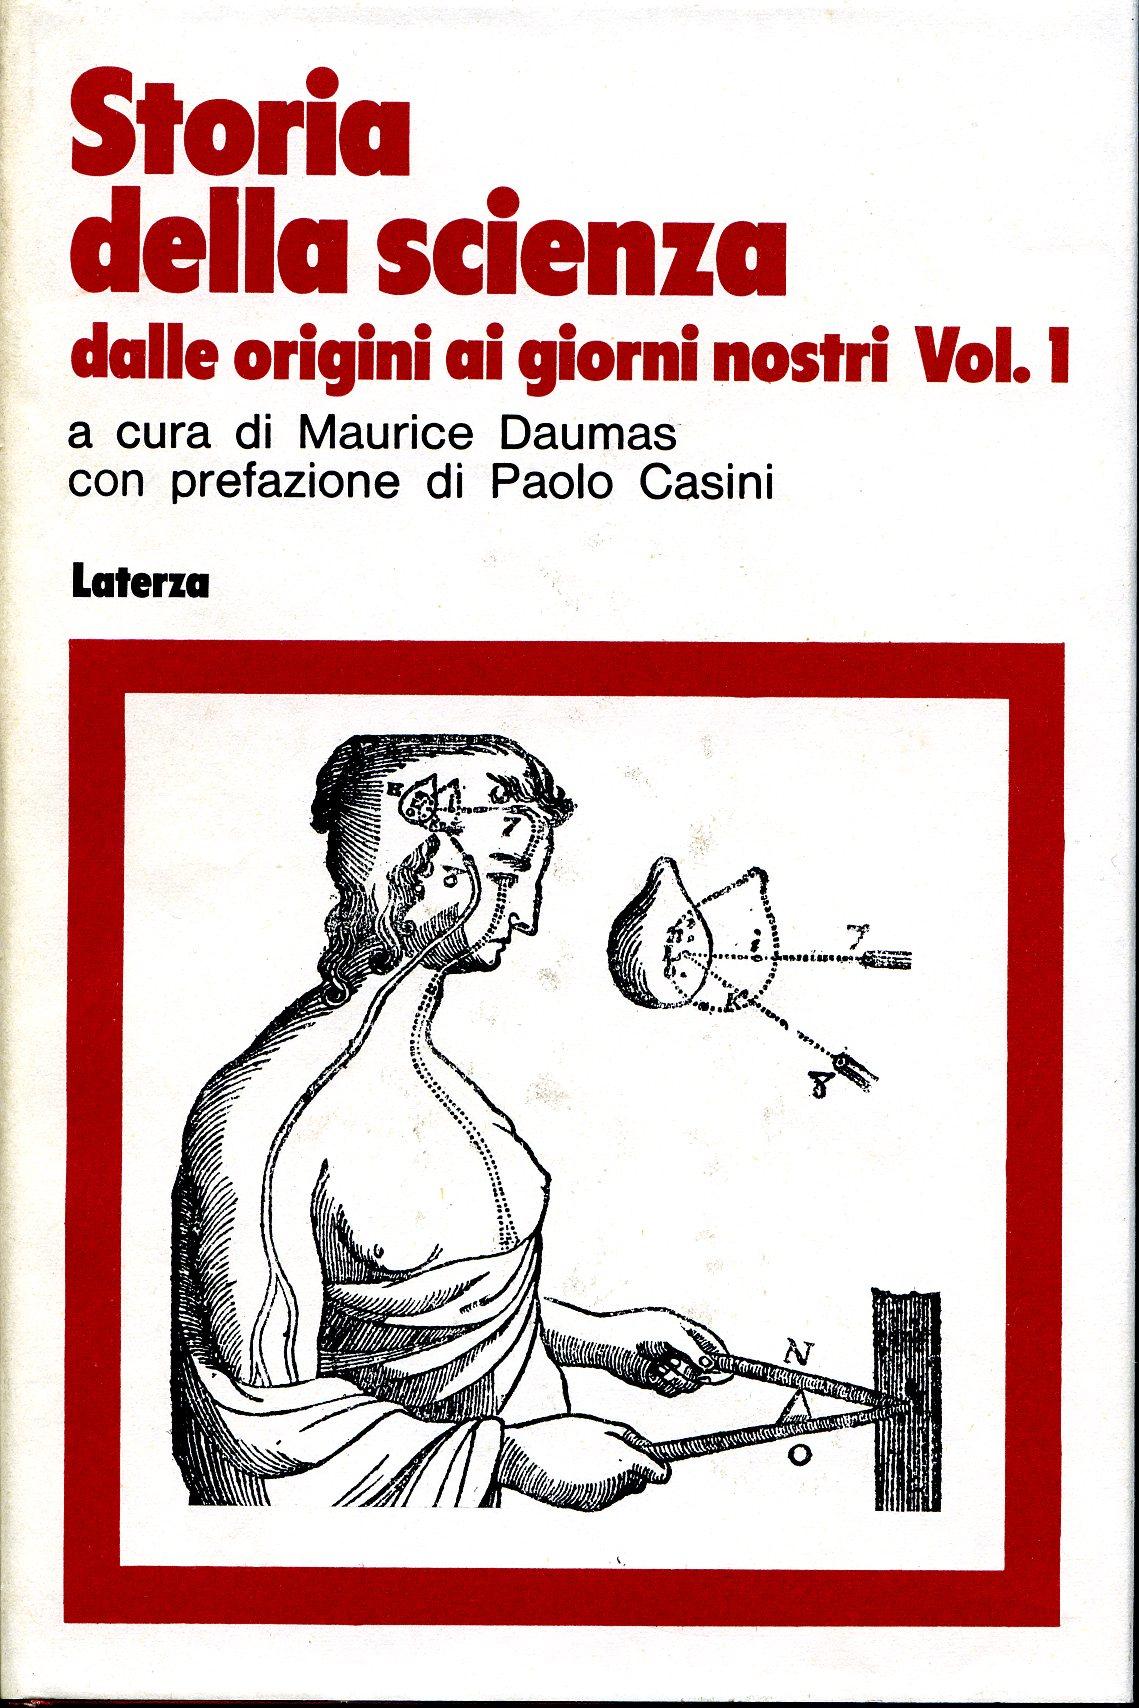 Storia della scienza - vol. 1°